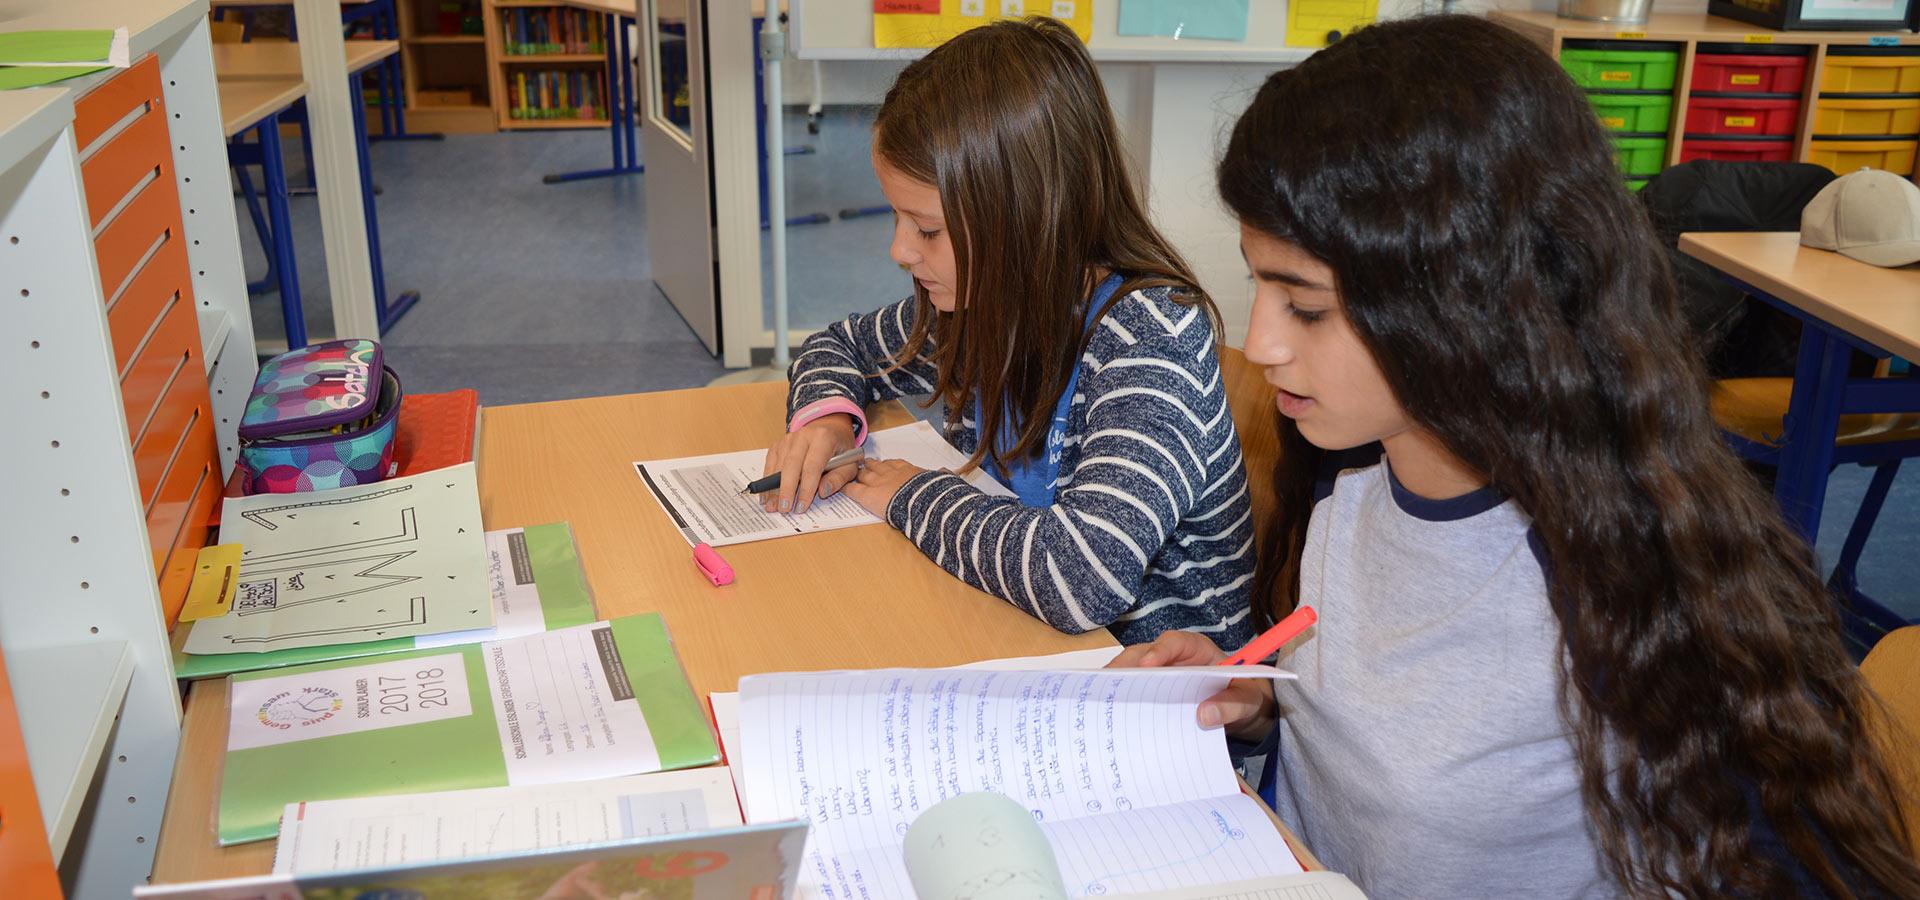 15-schillerschule-eislingen-gemeinschaft